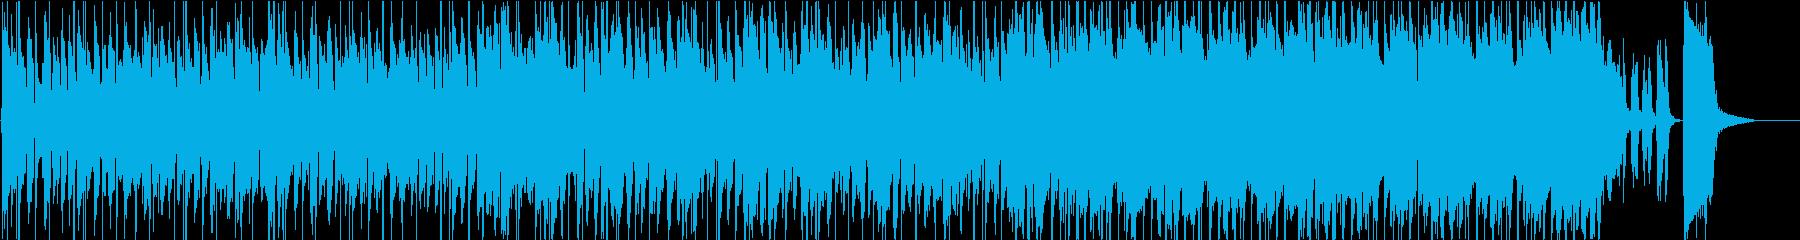 ジャジーでオシャレ系、ノリのいいBGMの再生済みの波形